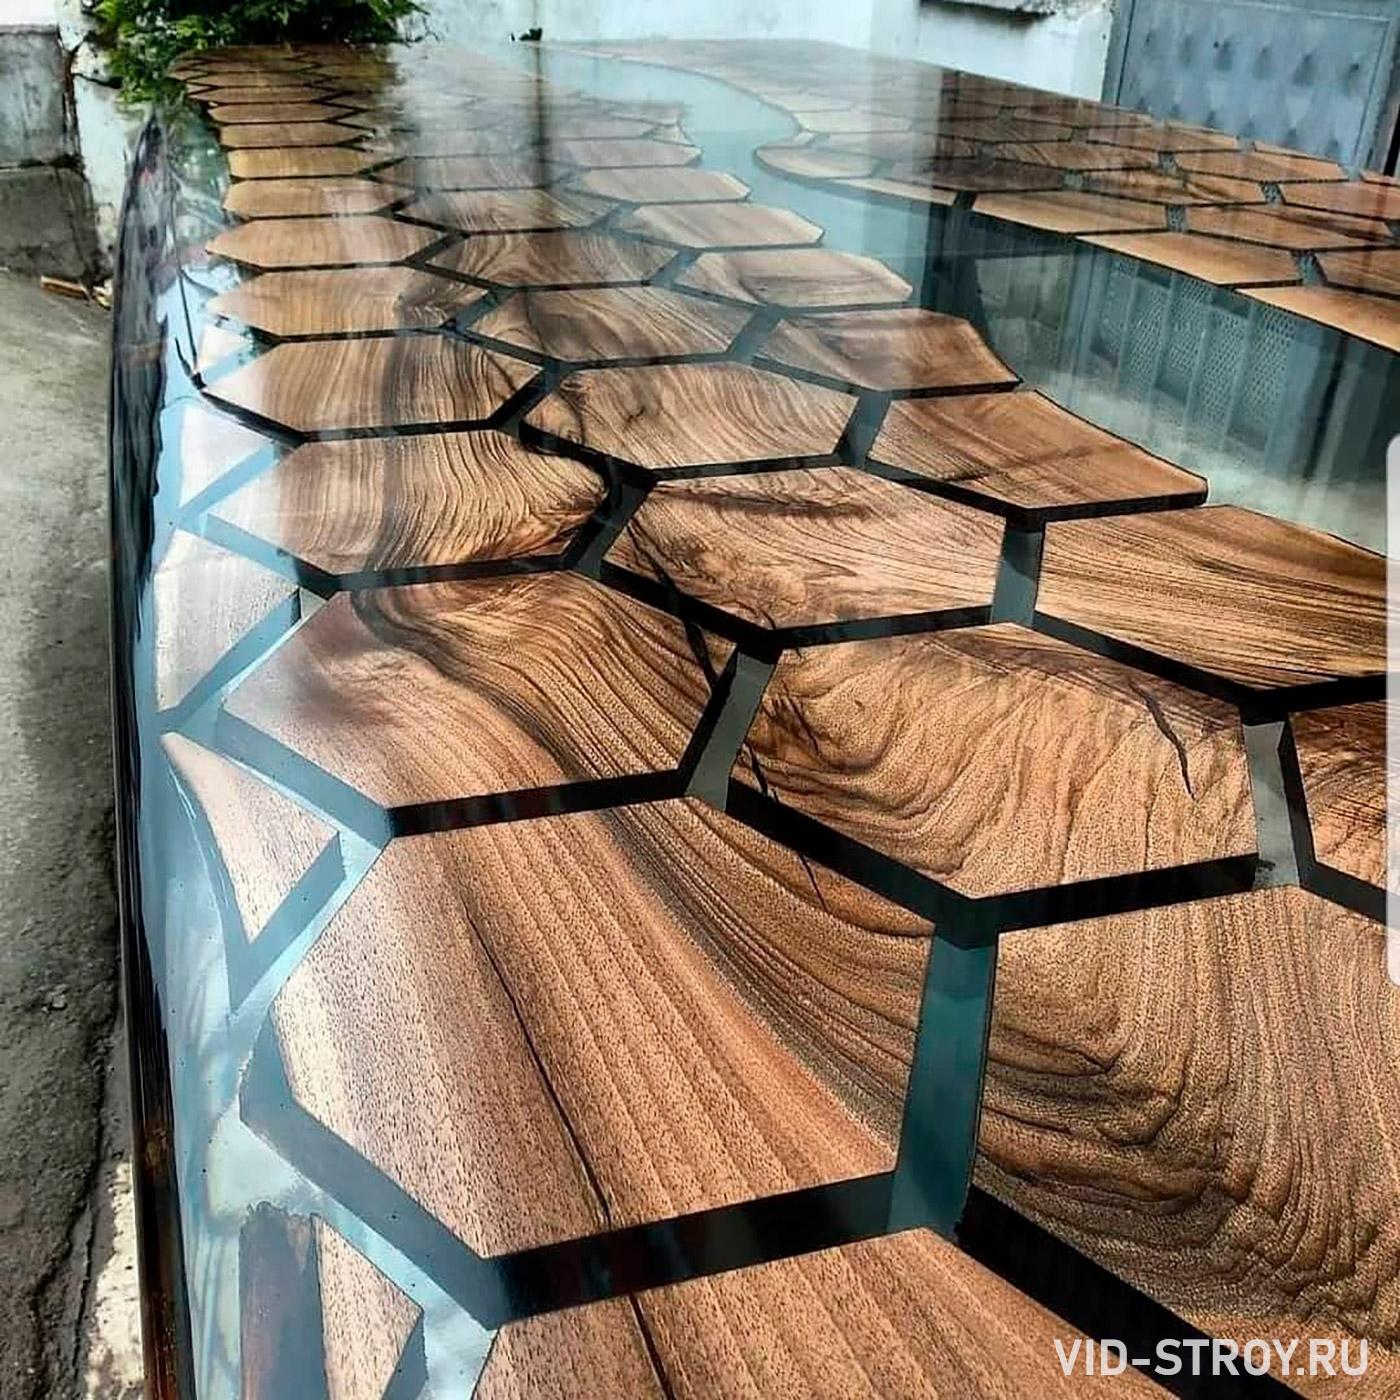 стол из деревянных шестигранников залитых эпоксидной смолой